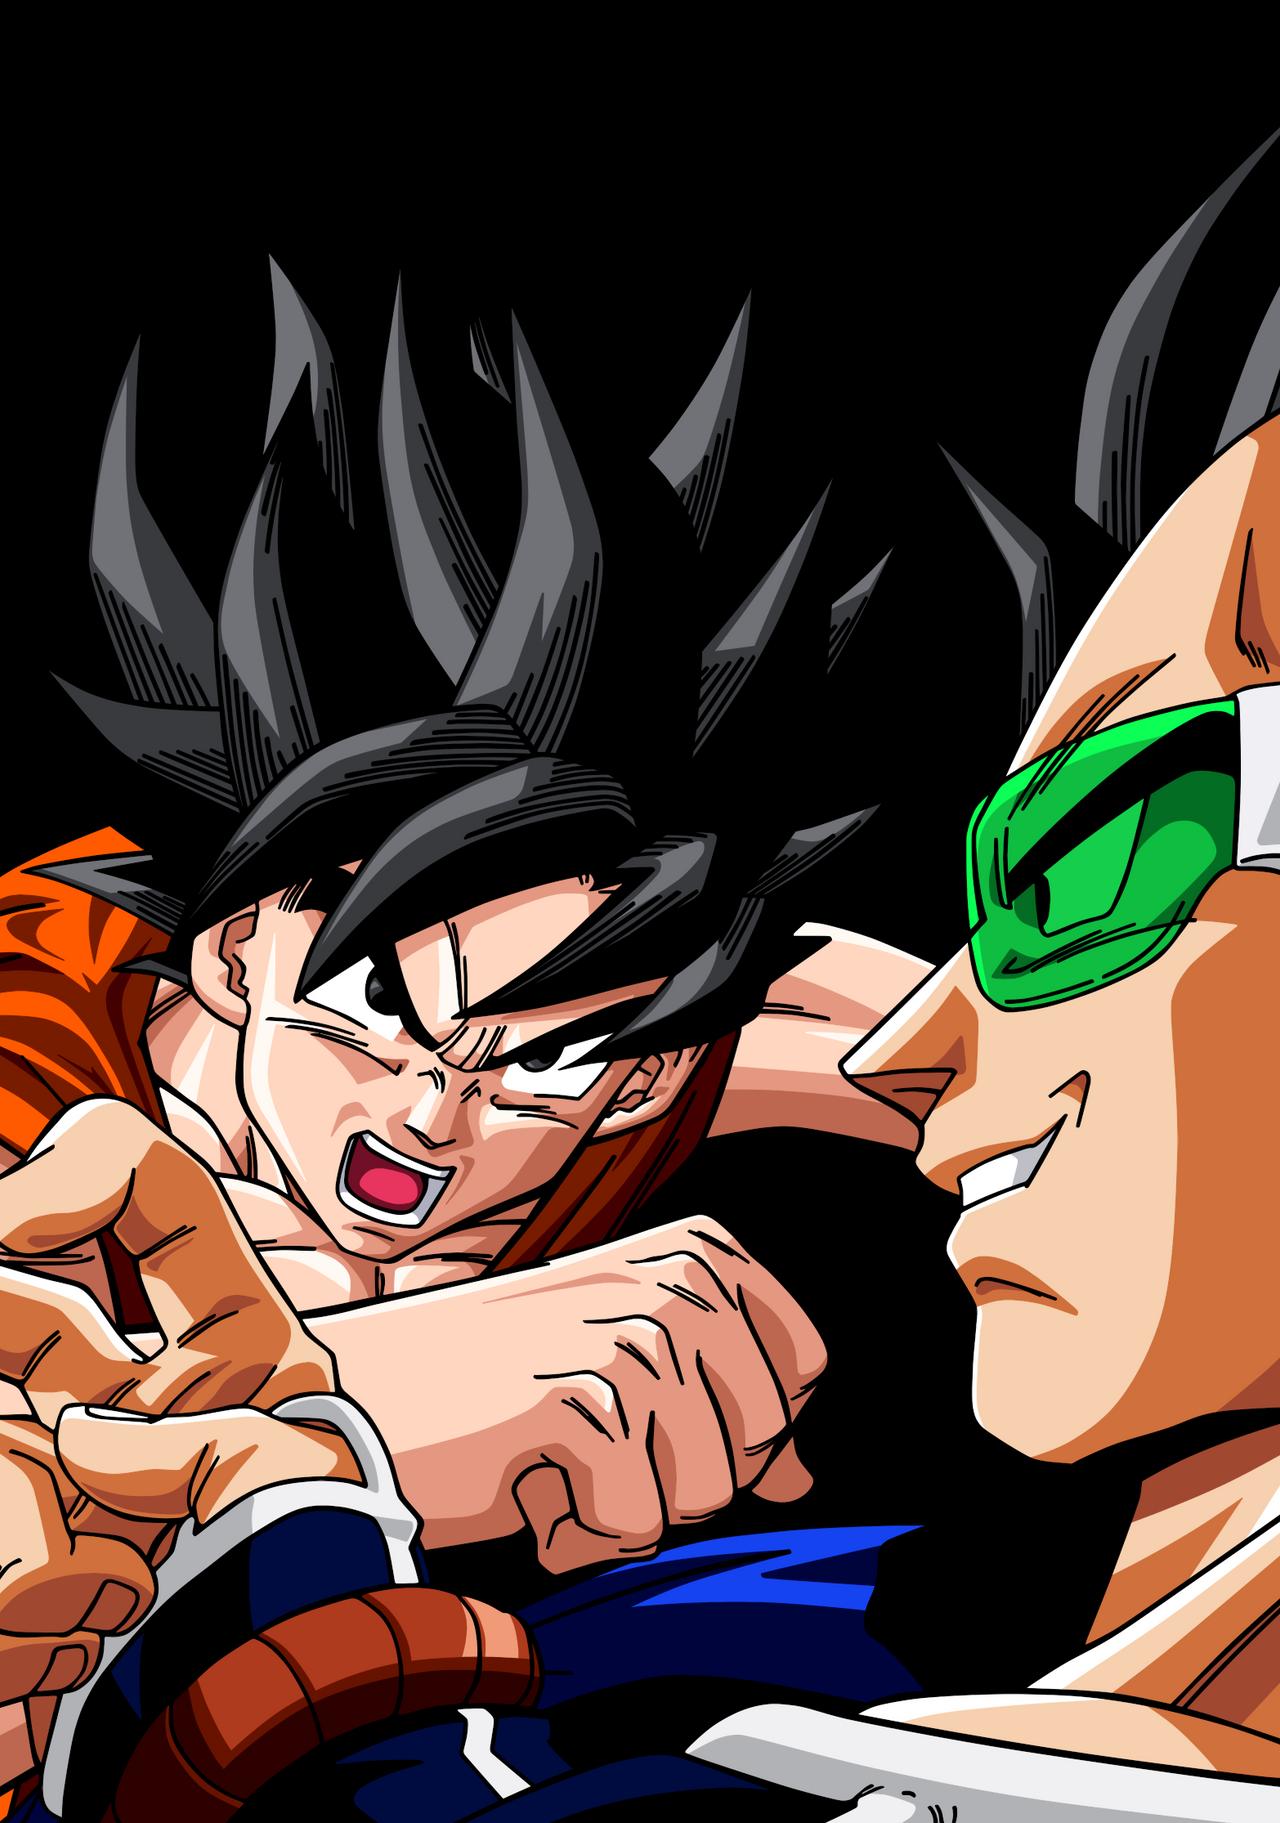 Goku Raditz Collection 10 Wallpapers